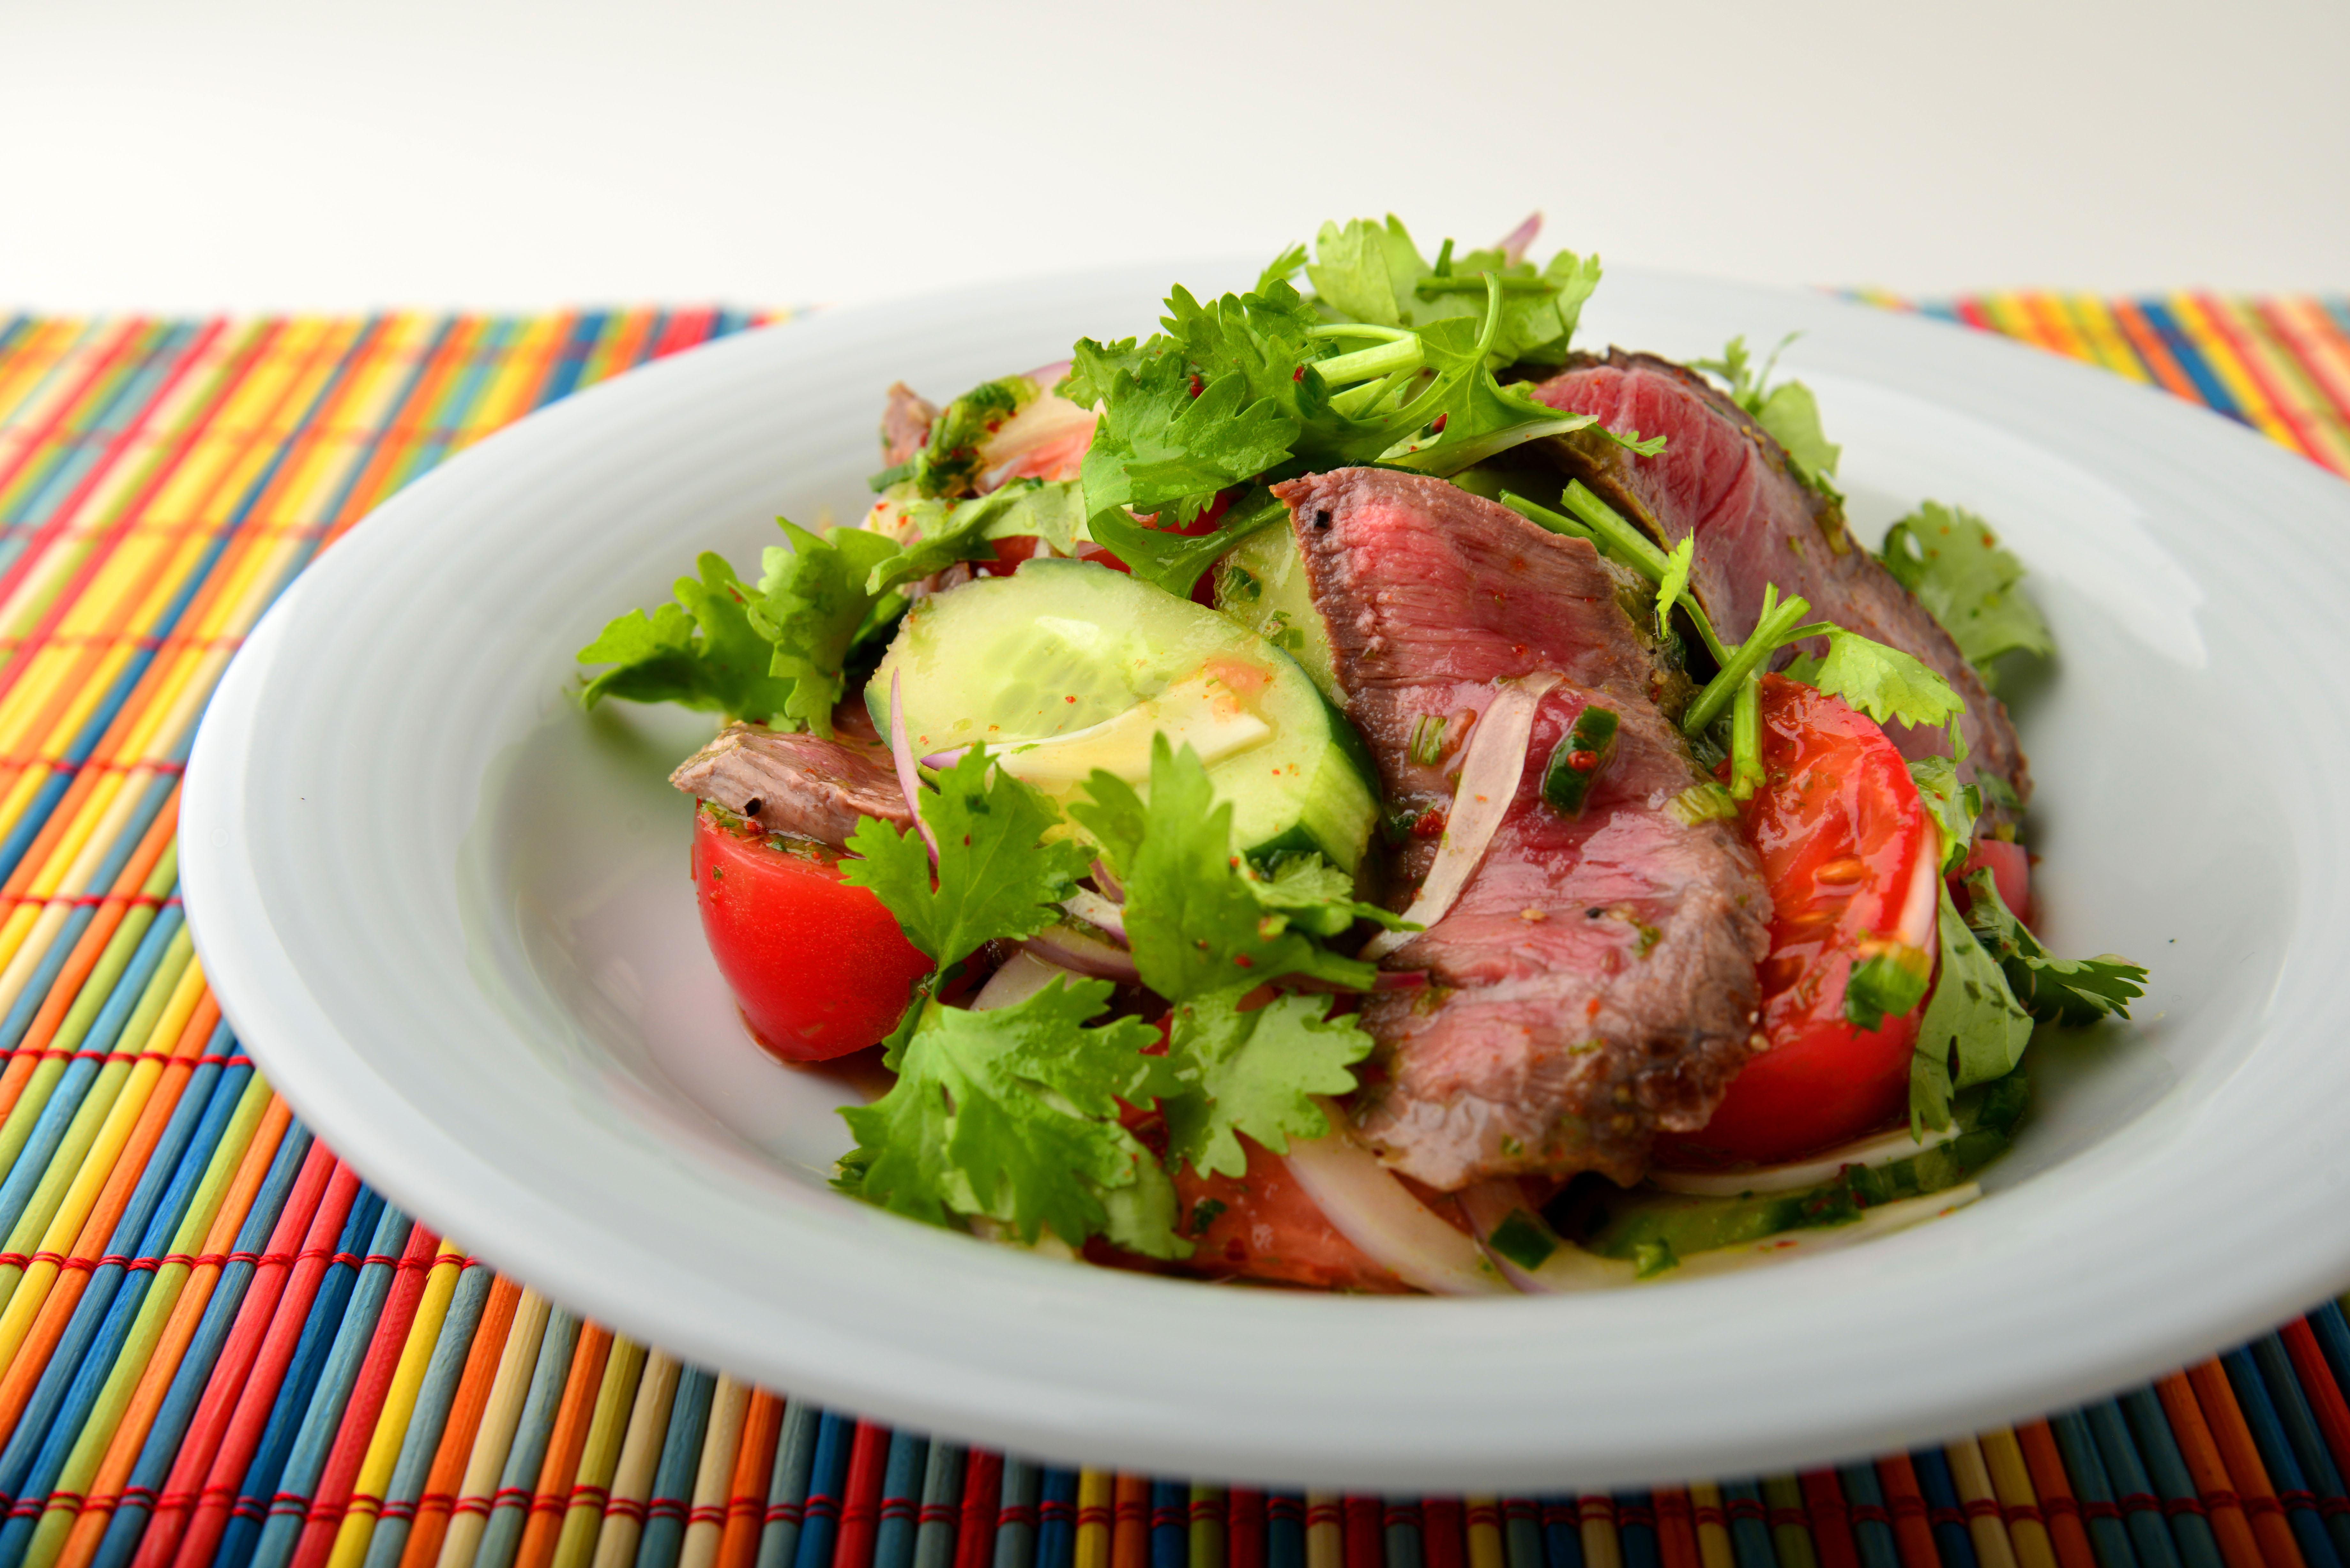 牛肉のパクチーサラダ サラ パクチ ニュウアの写真